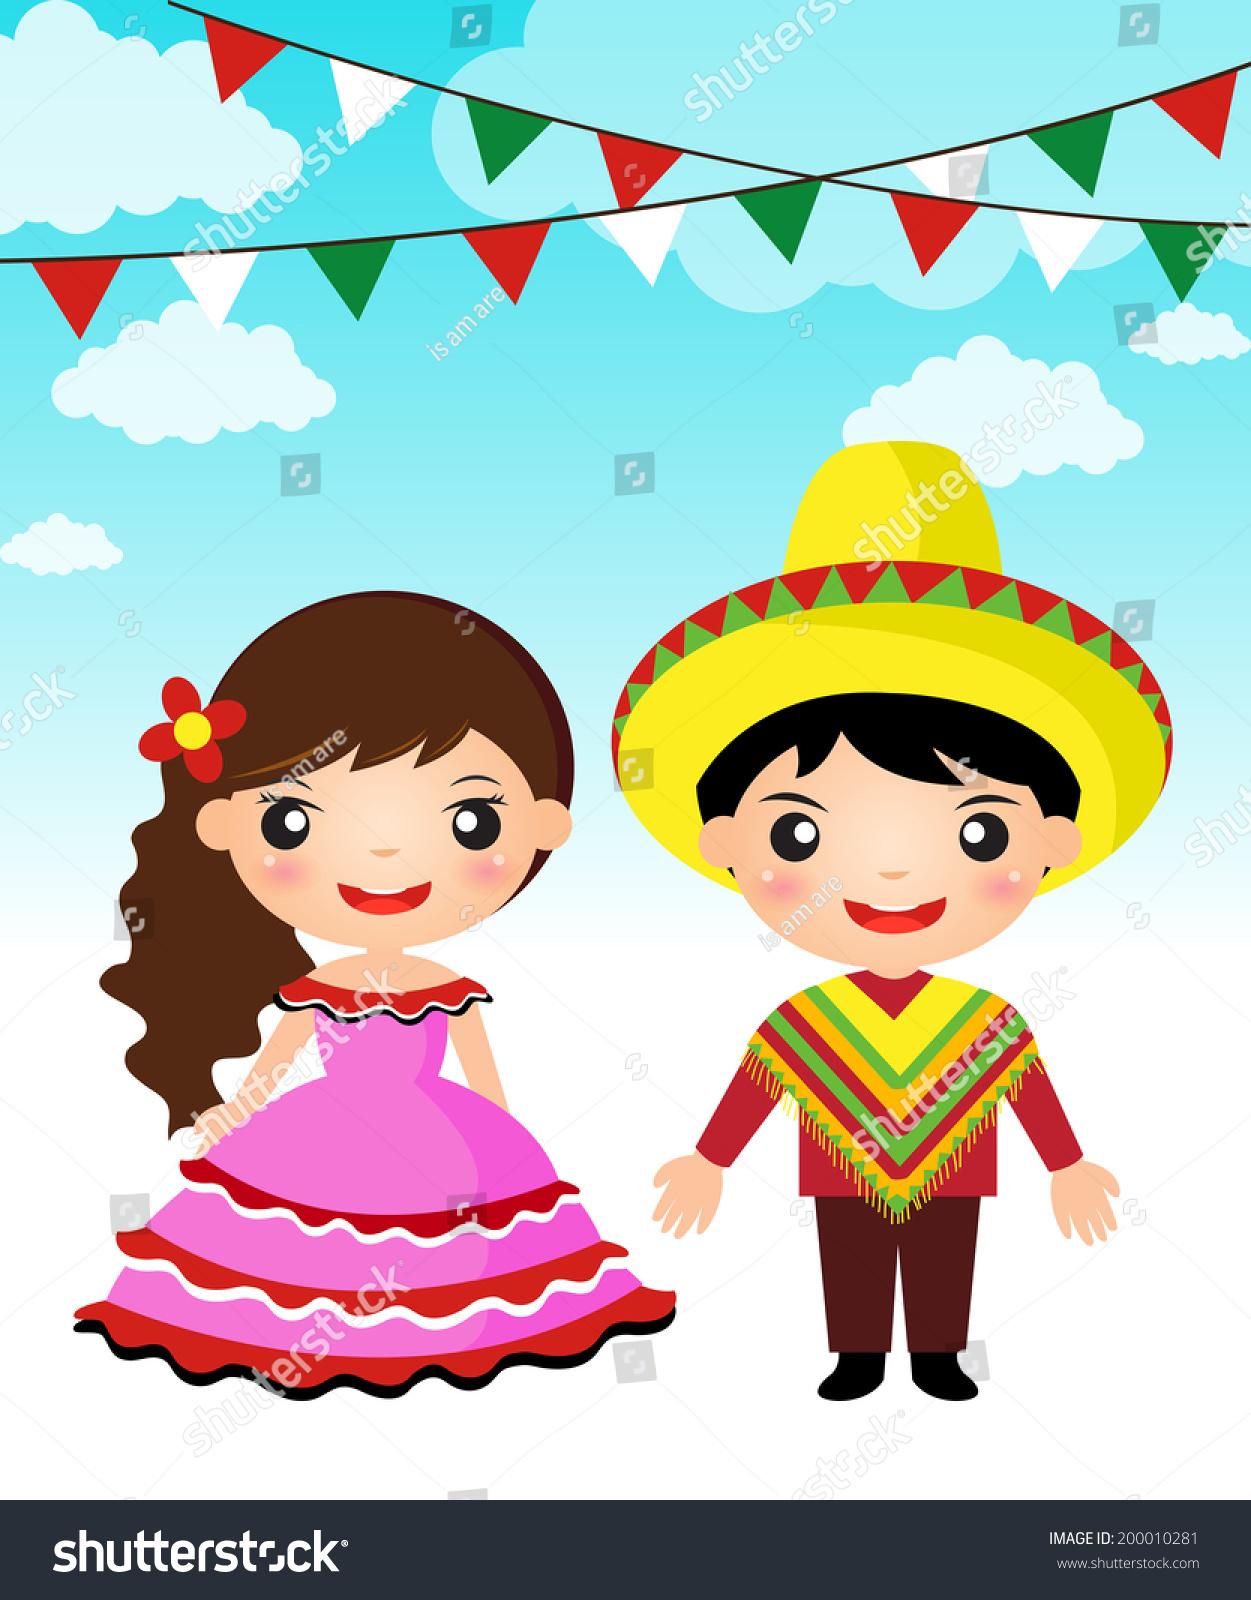 image Pareja espanol spanish couple